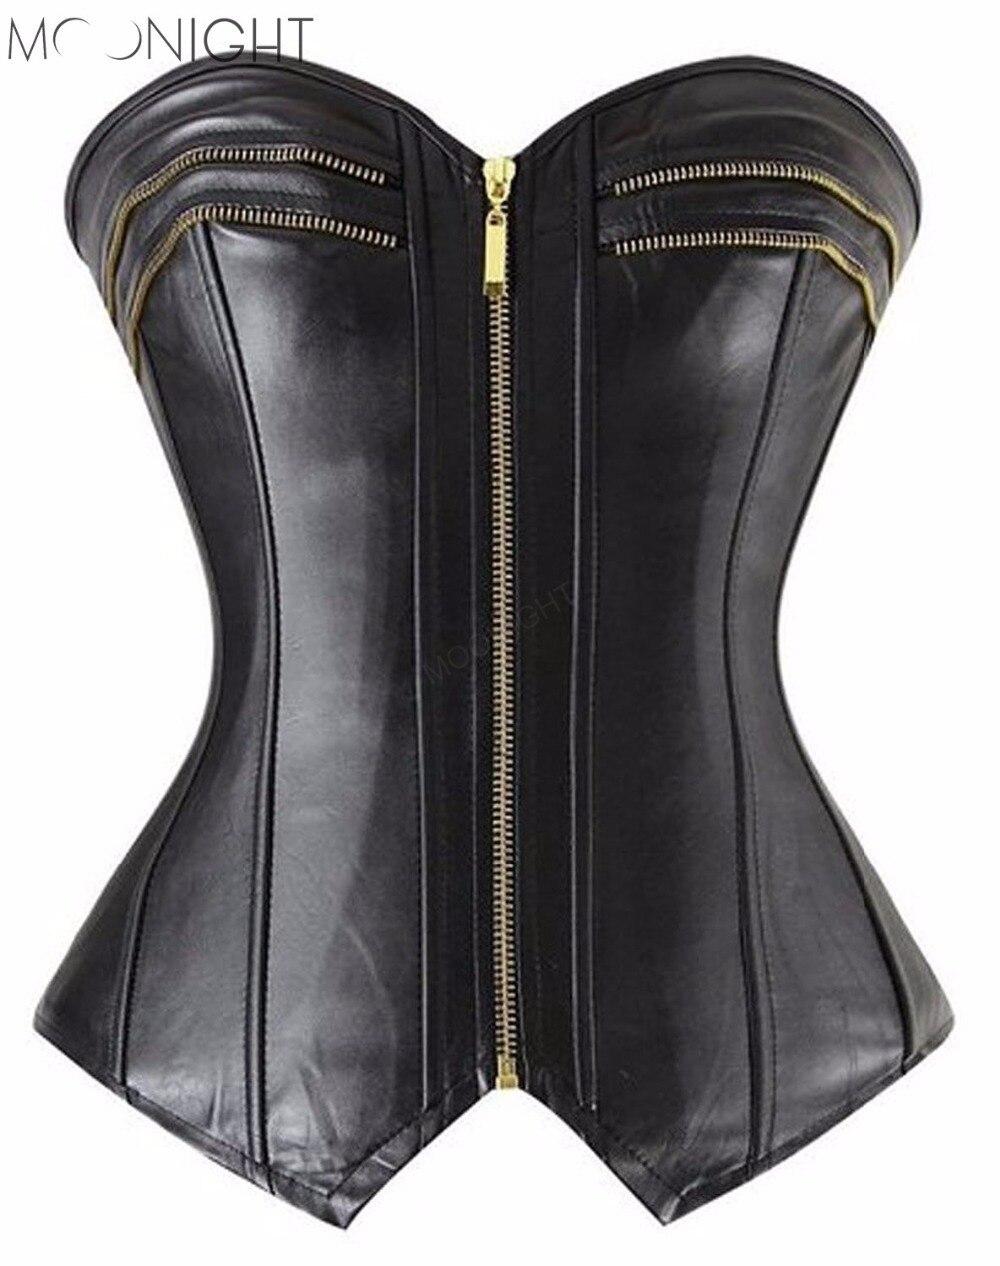 MOONIGHT Sexy Black Overbust Corset Zipper Corpete Mulheres Corselet Korsett For Women Size S M L Xl 2Xl